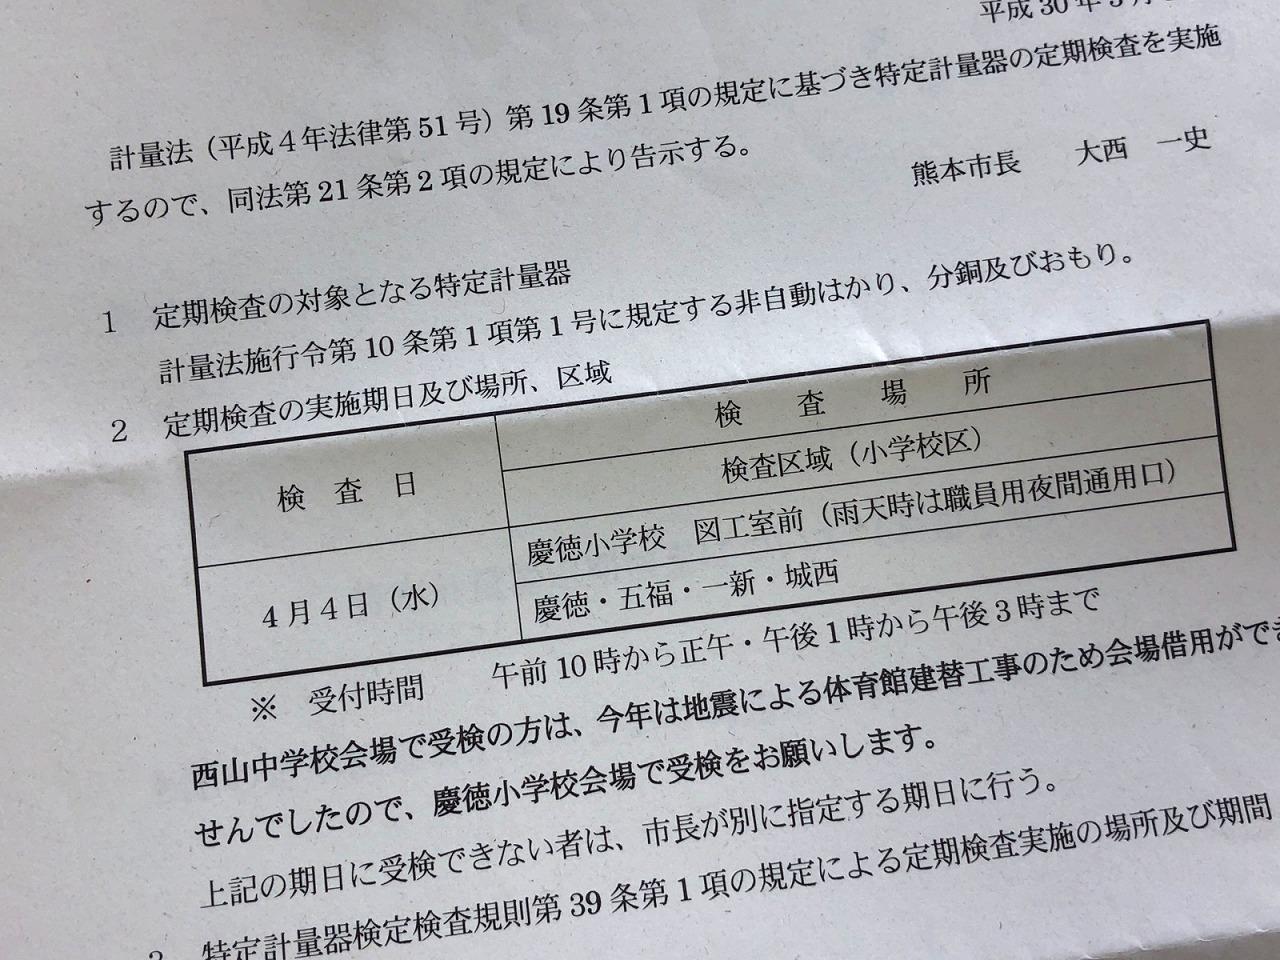 明日は、慶徳小学校ではかりの定期検査です。